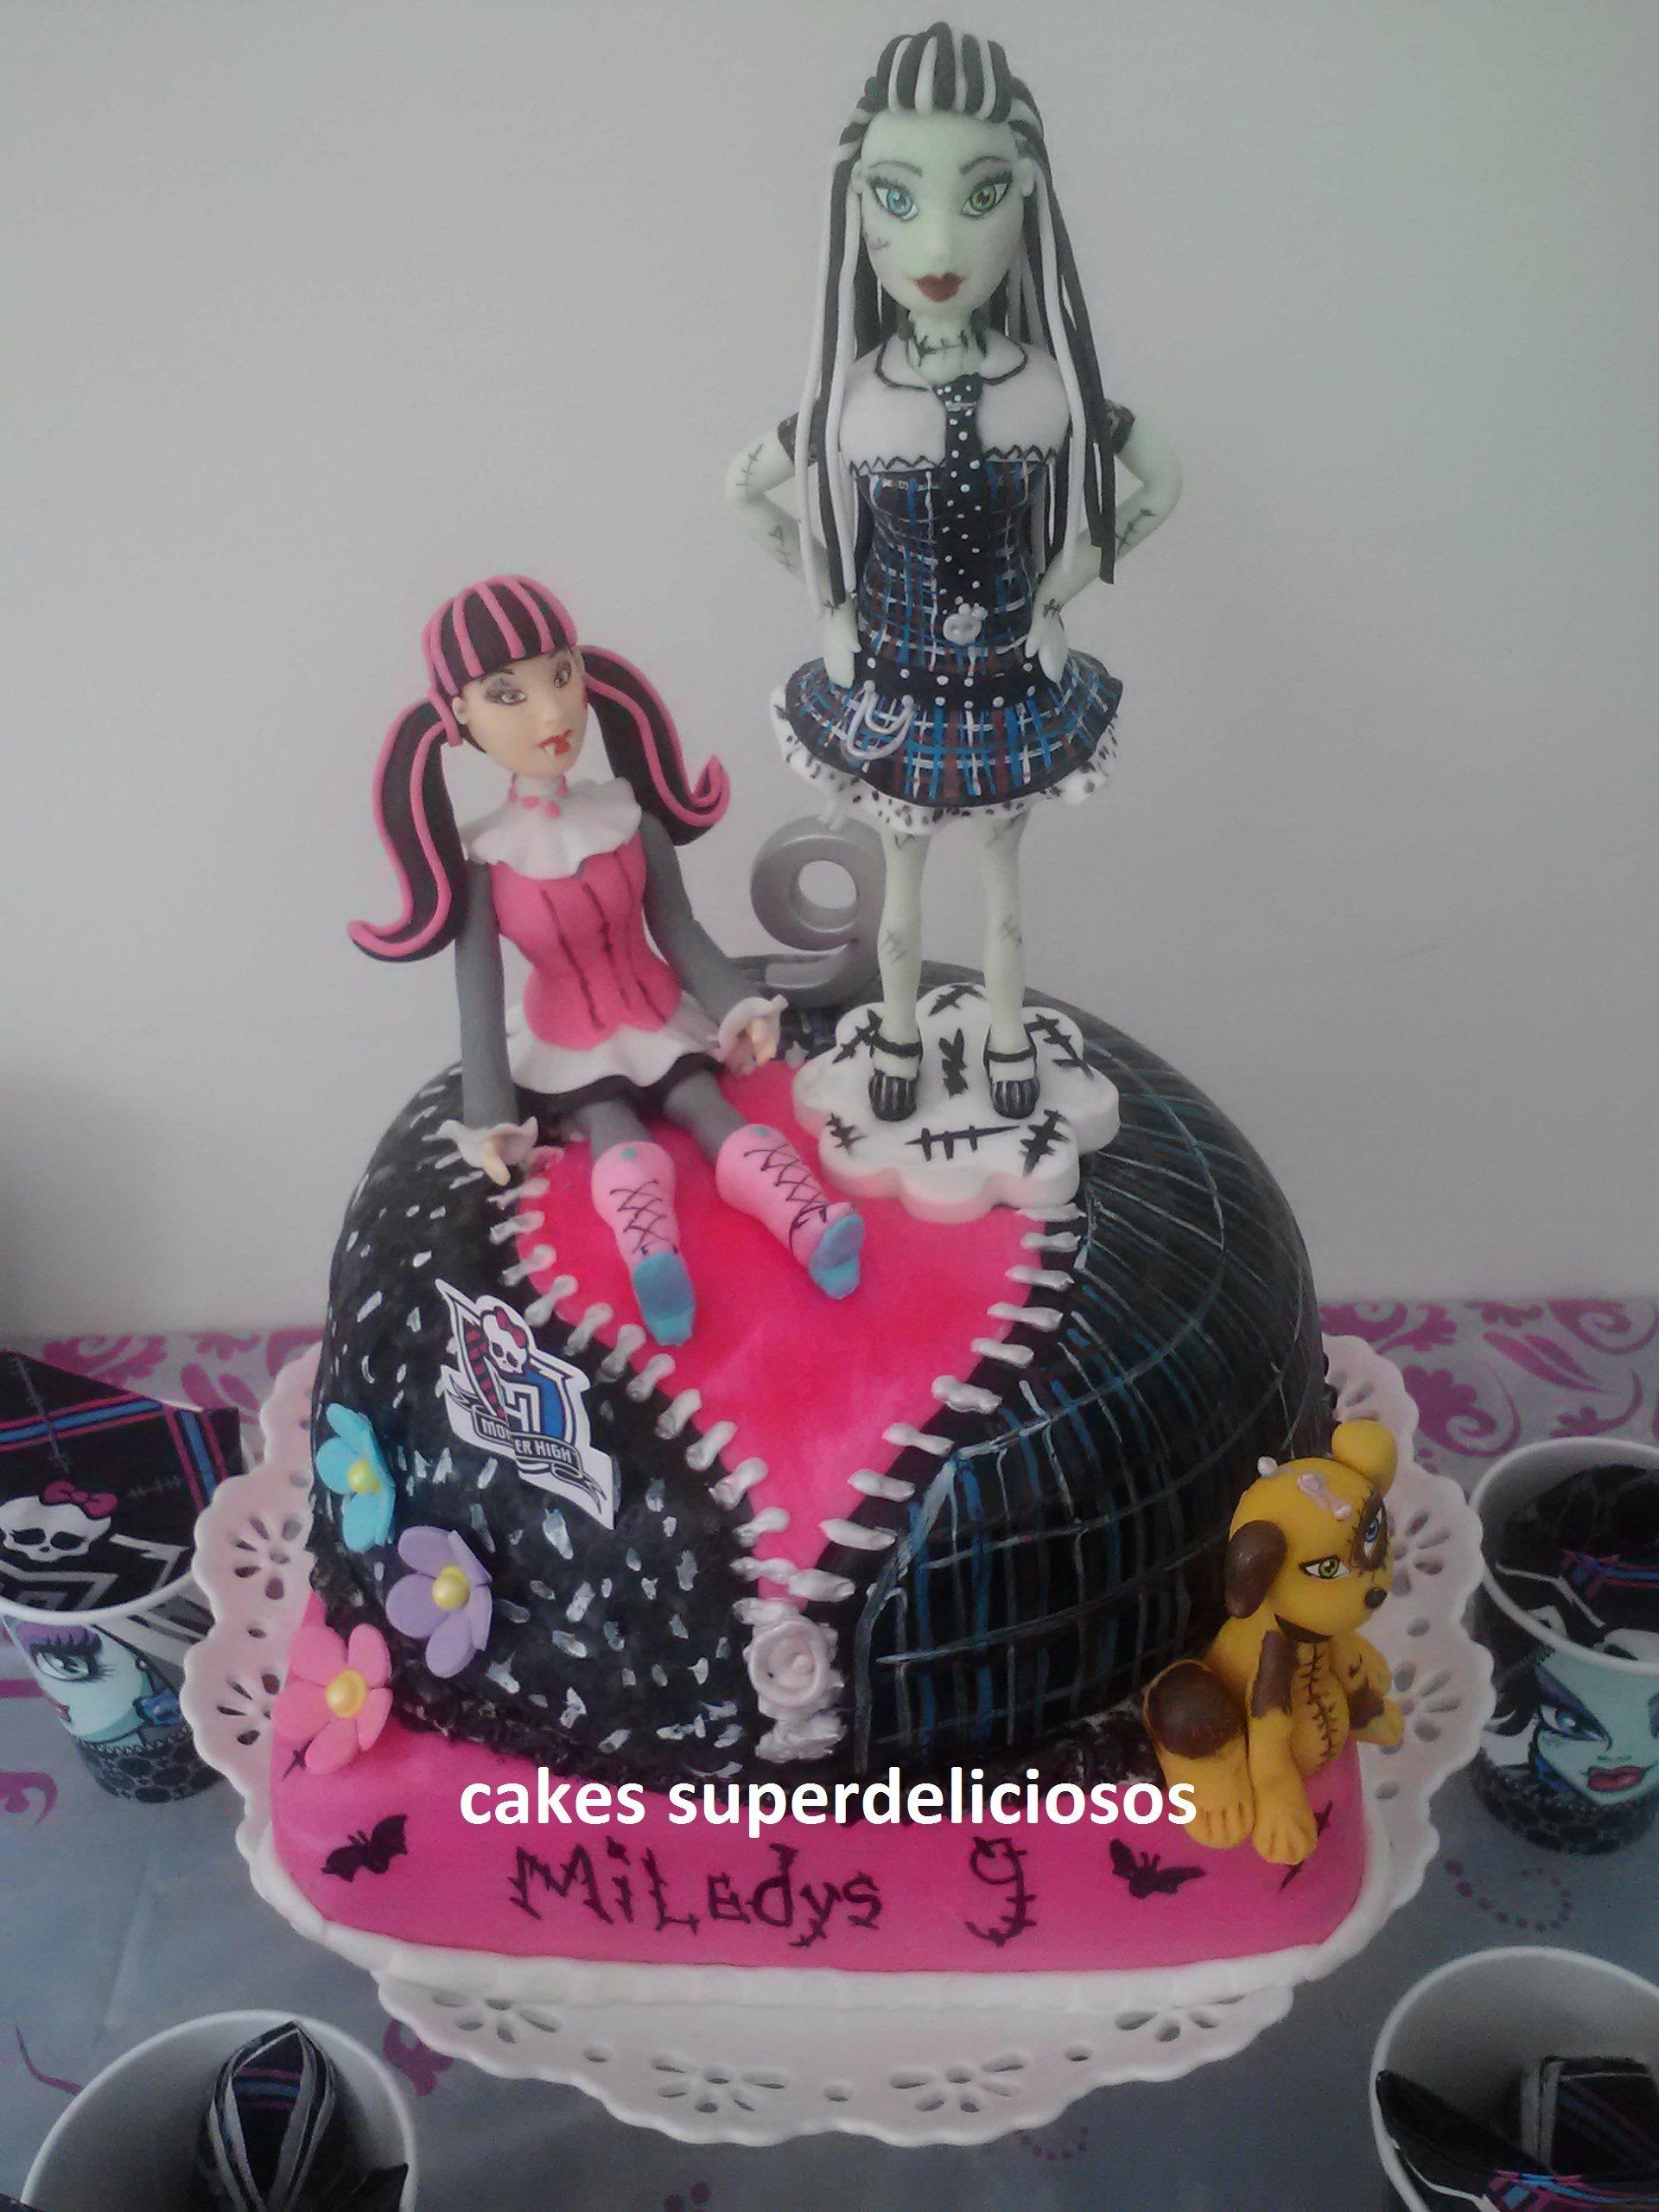 https://www.facebook.com/cake.superdelicioso